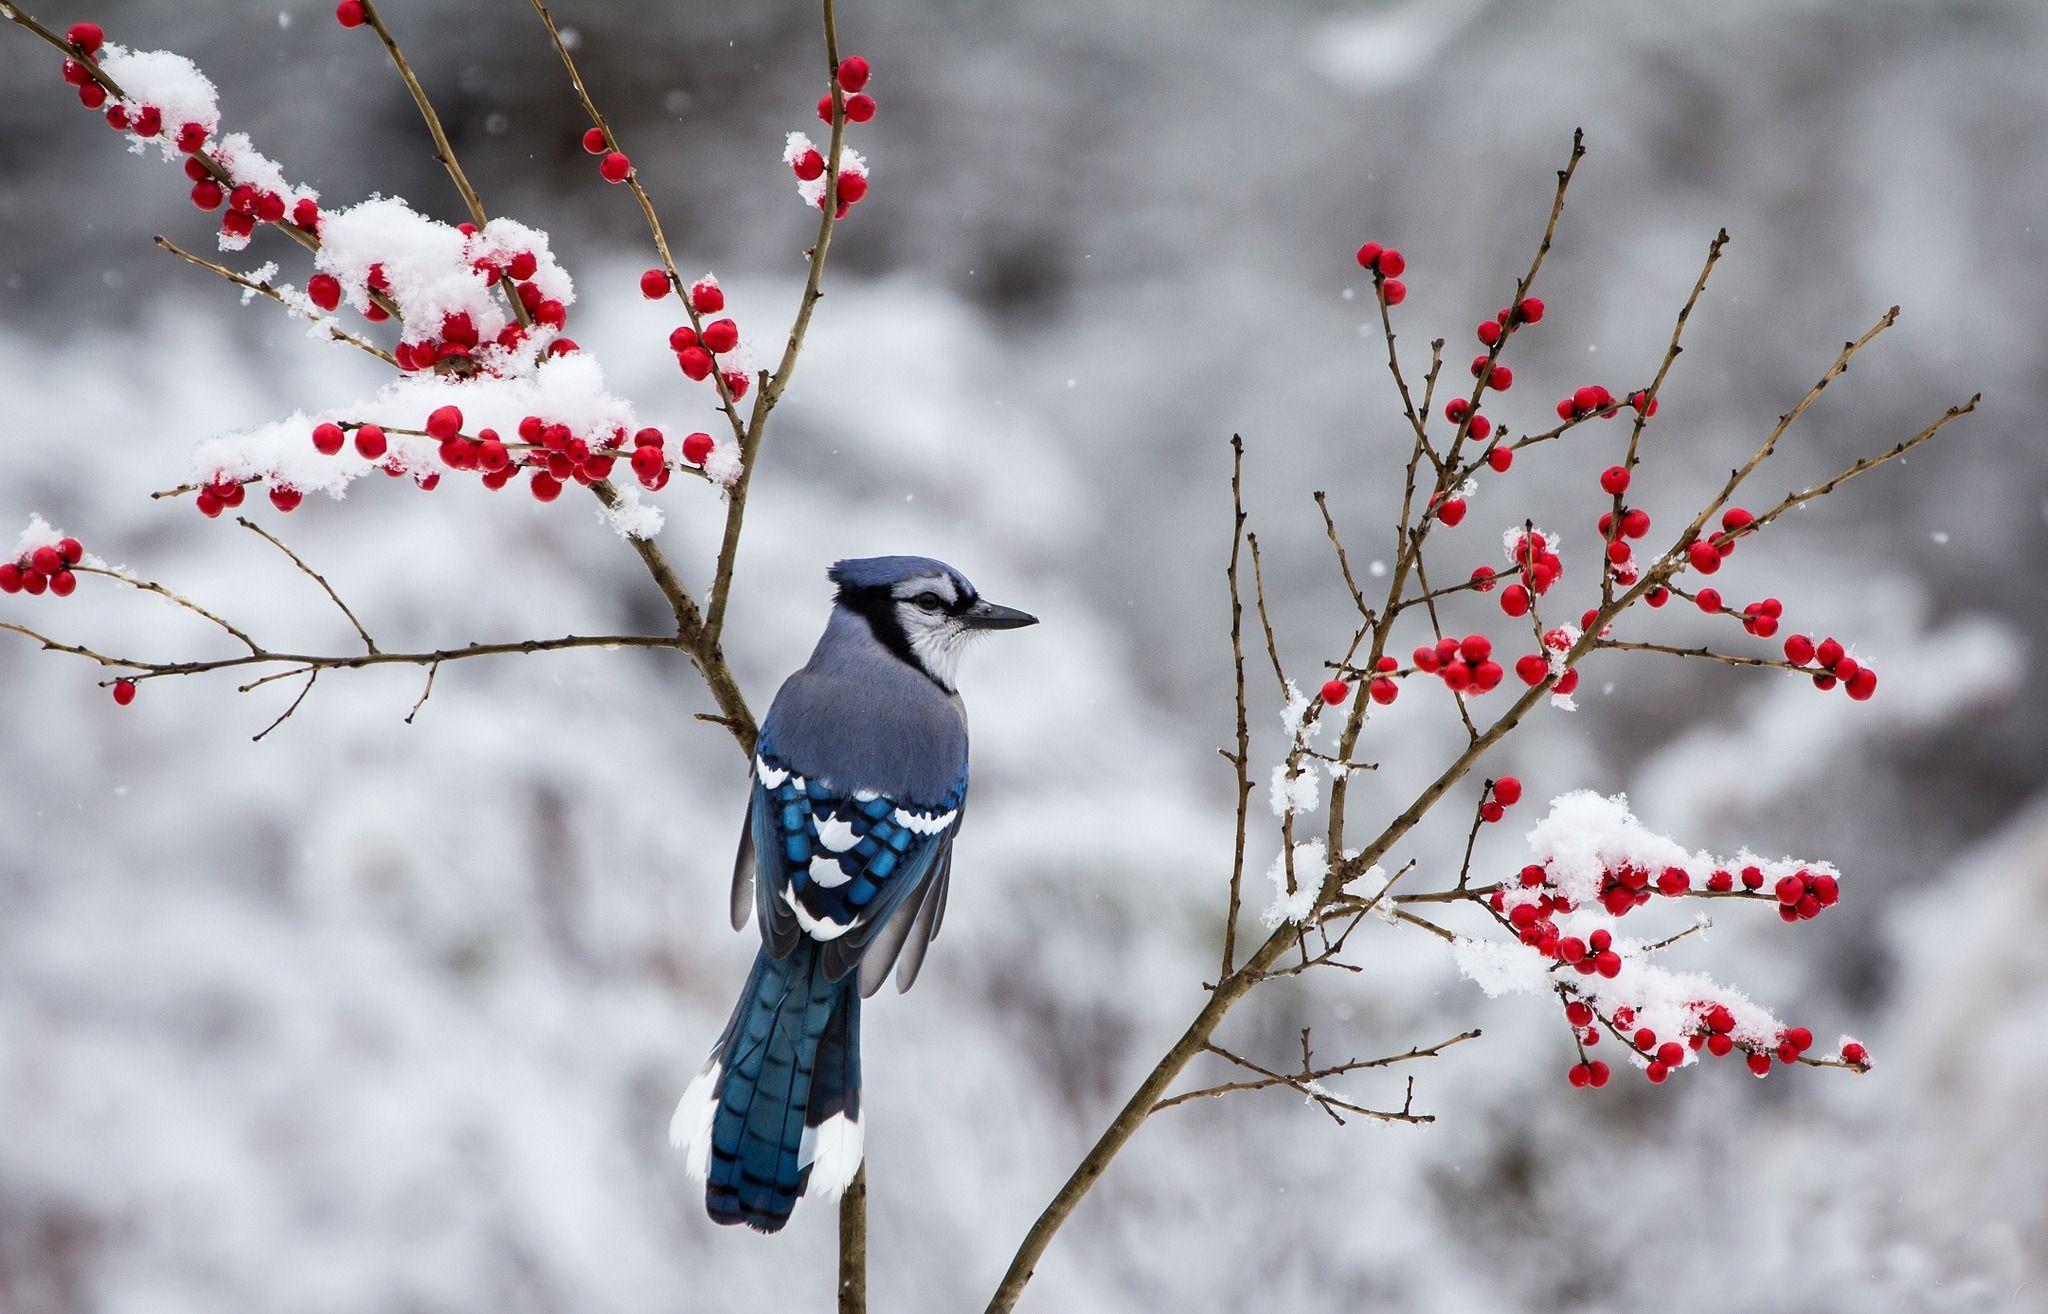 Winter Birds And Berries Wallpapers